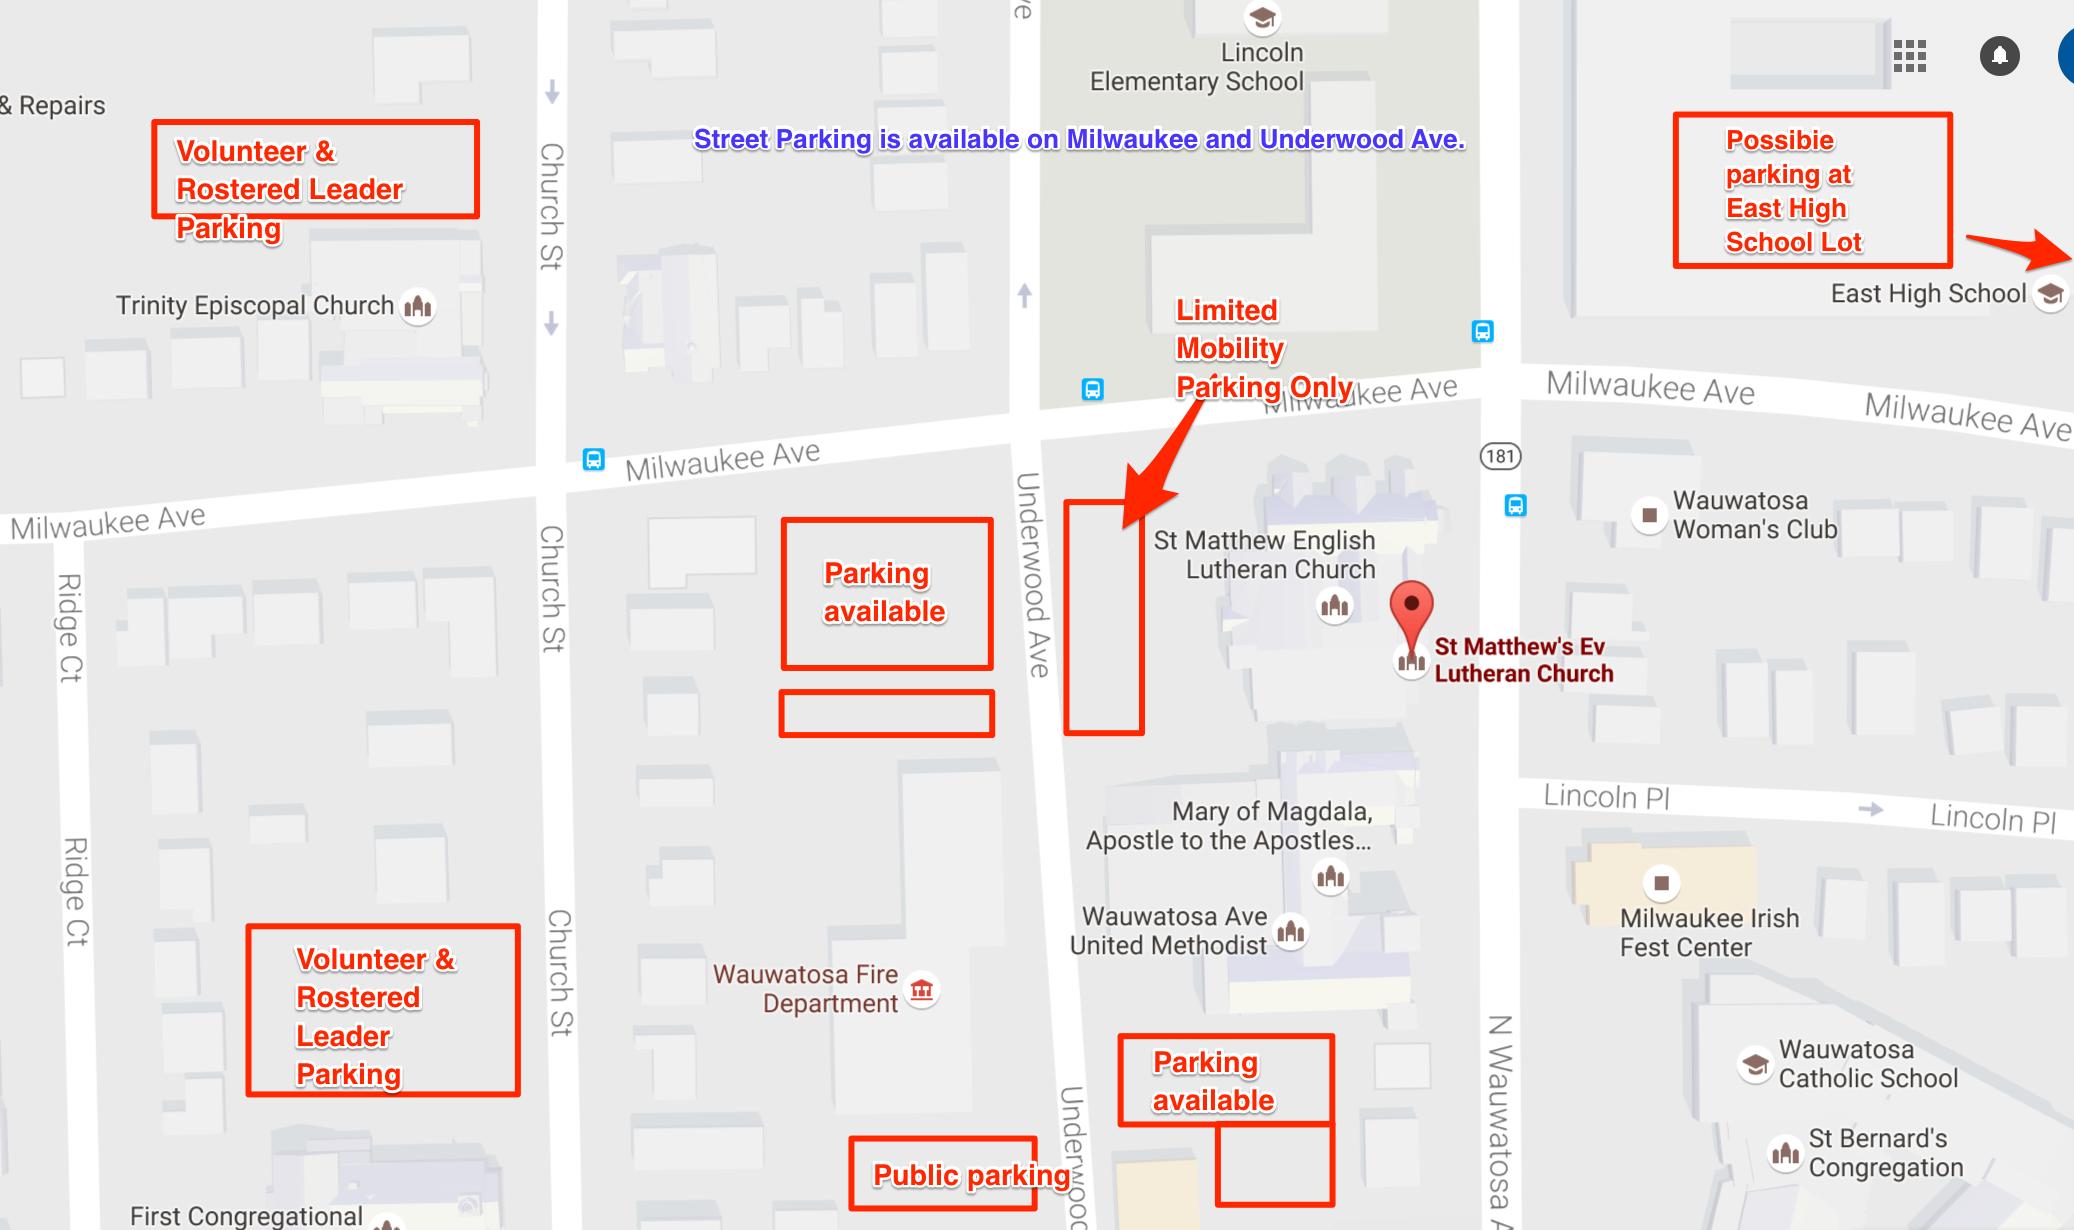 st_matthew_s_ev_lutheran_church_-_google_maps